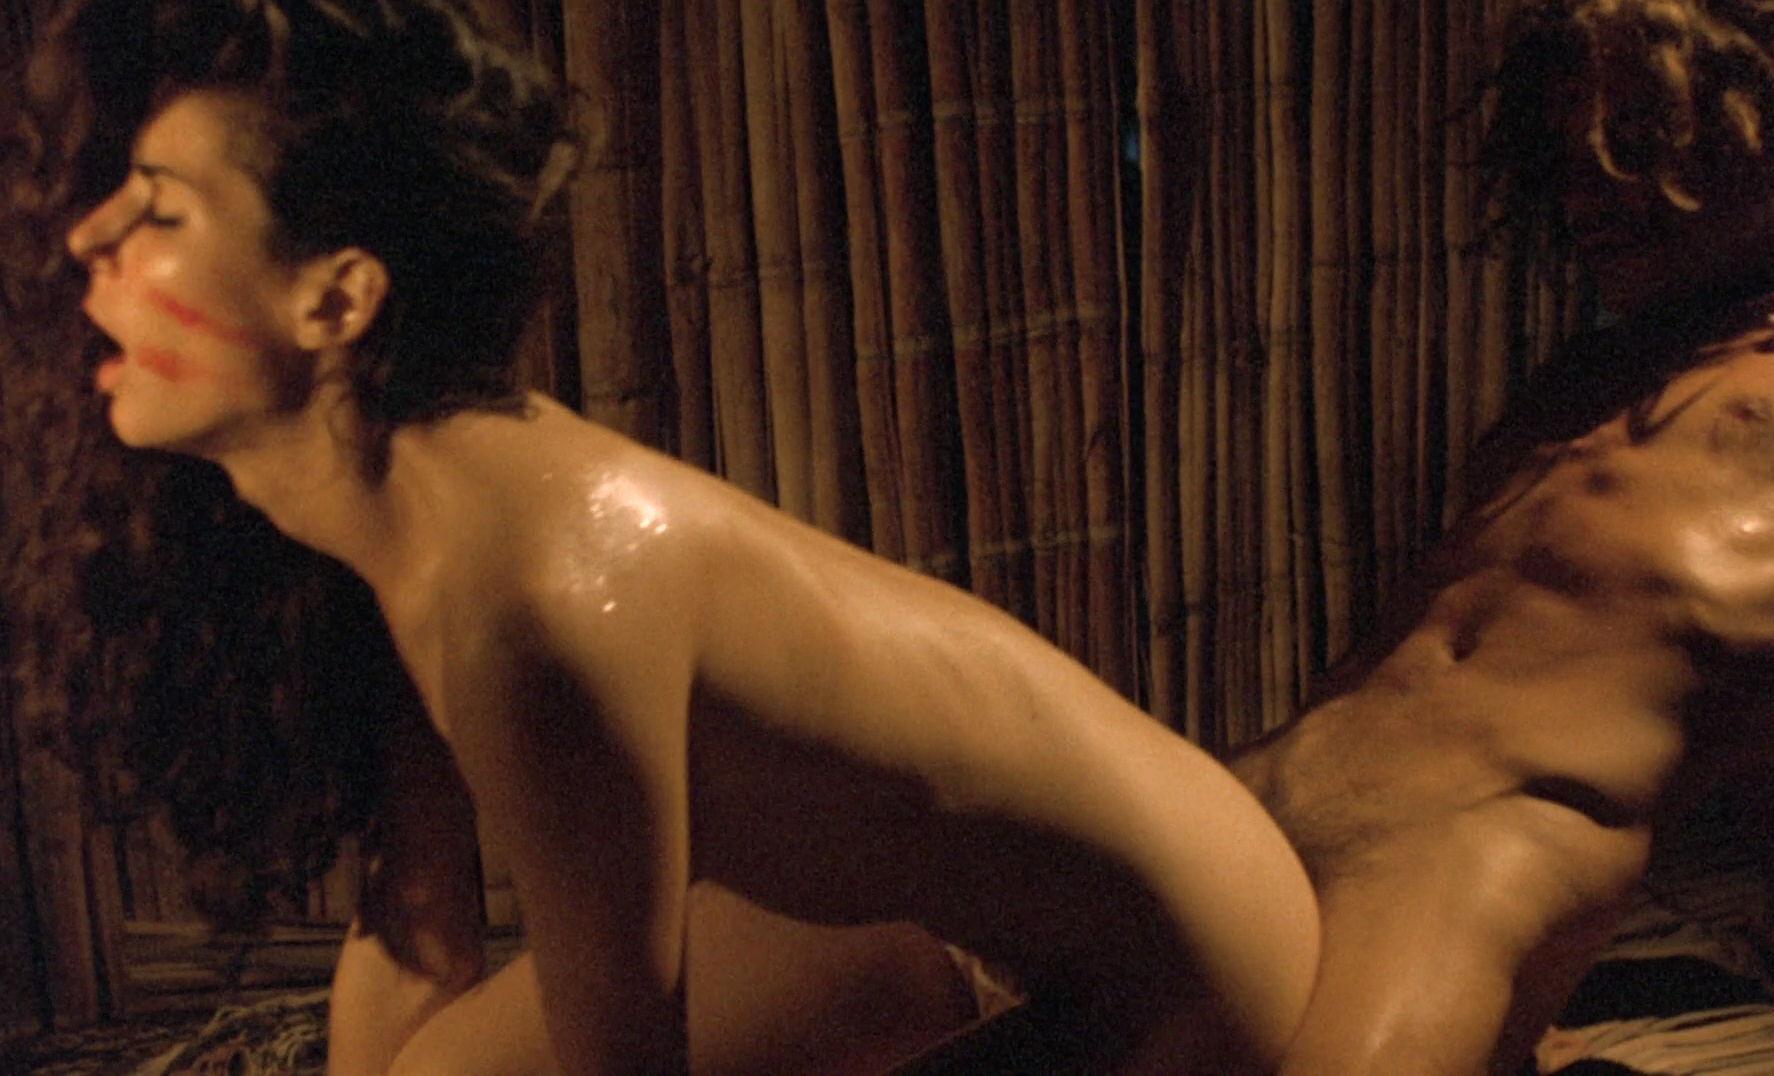 smotret-seksualnie-stseni-znamenitostey